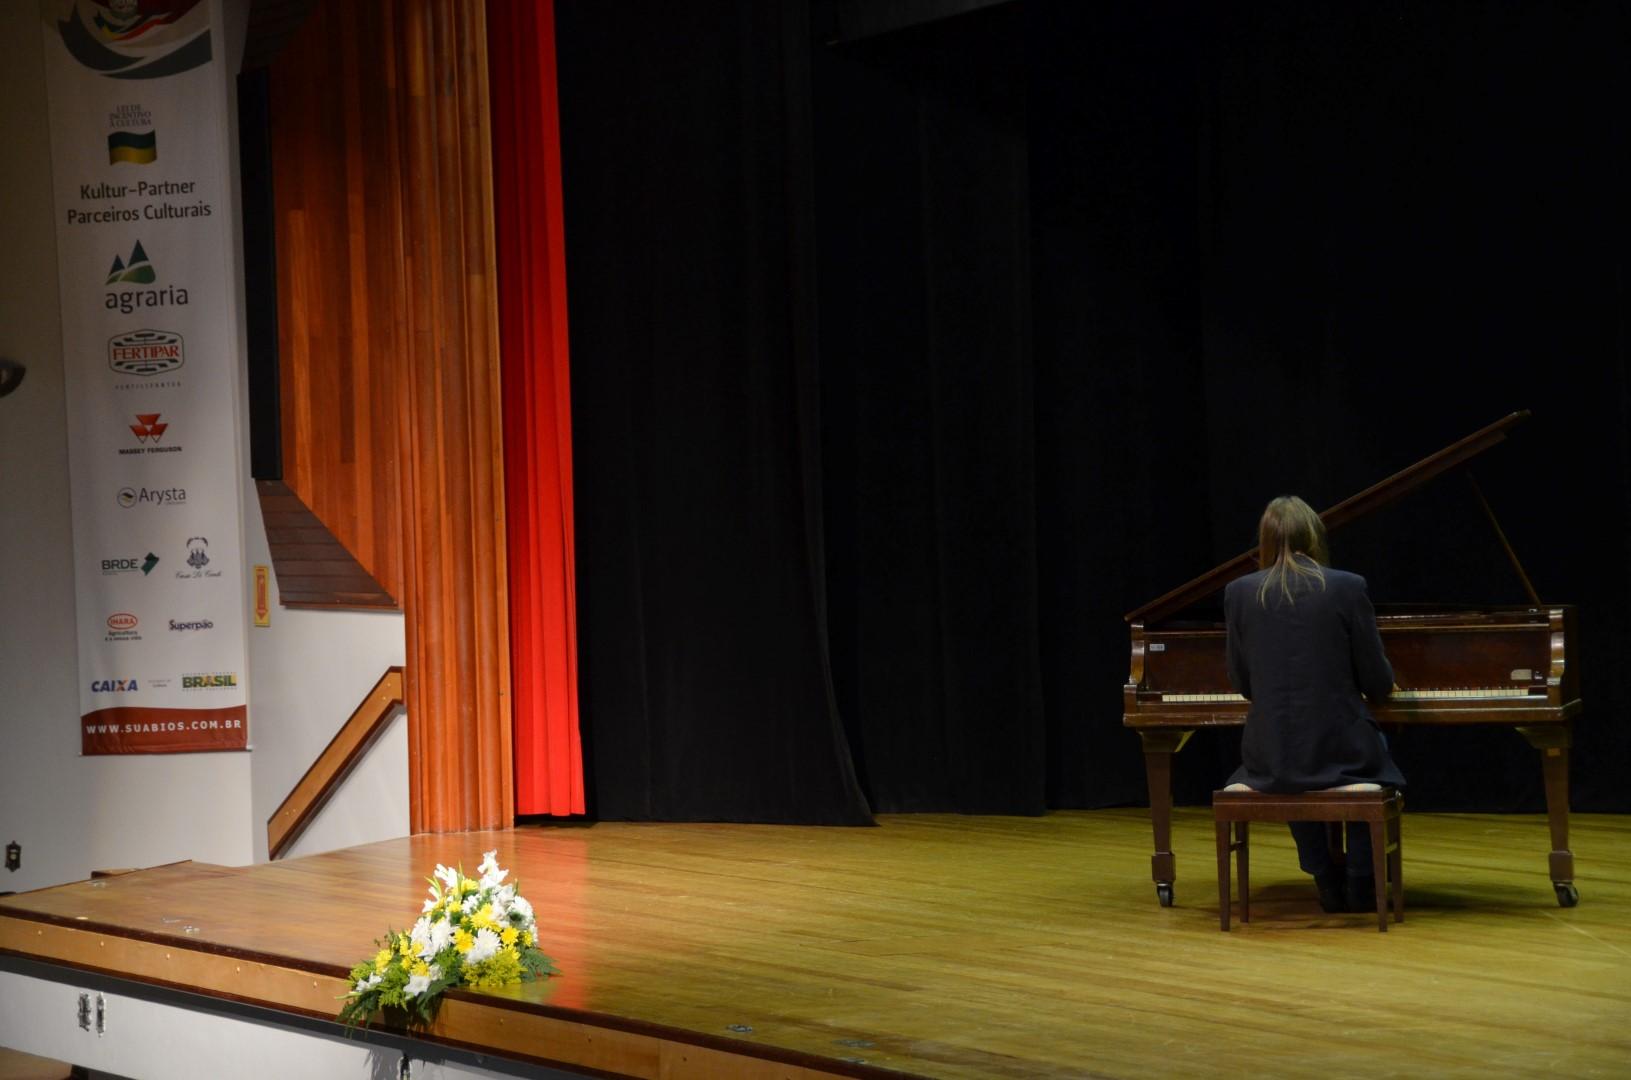 Recital de piano com Newton Schner Jr. - 19/08/2016Recital de piano com Newton Schner Jr. - 19/08/2016